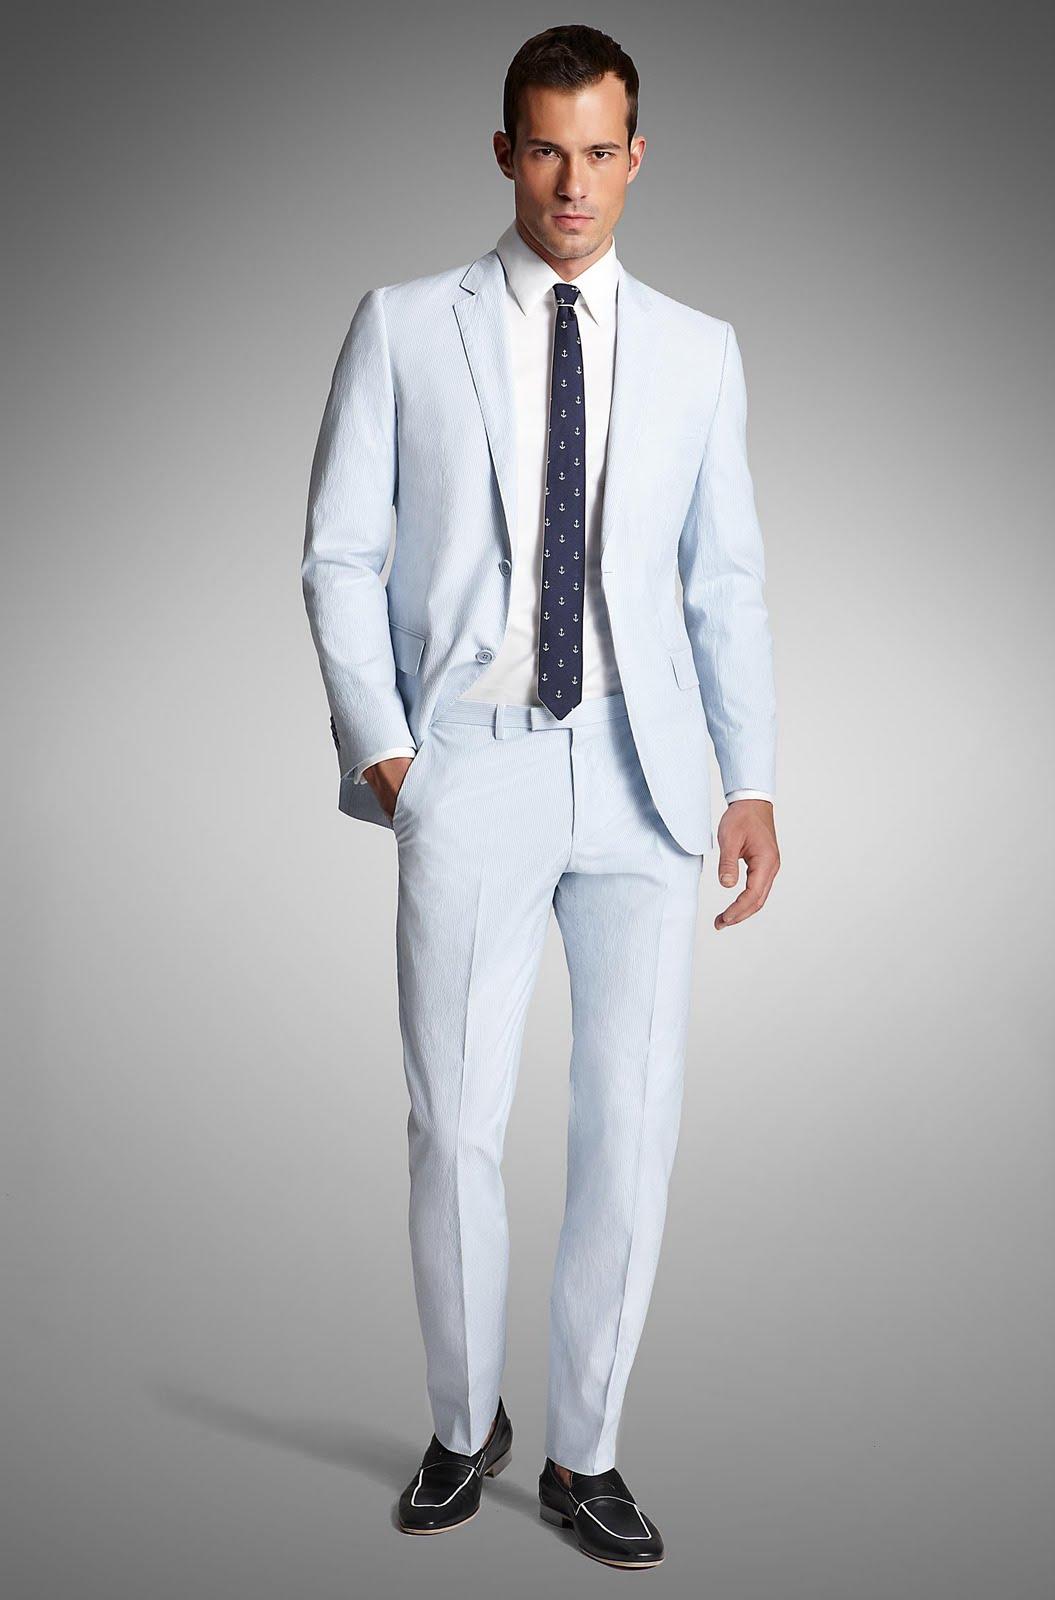 Костюм на выпускной для парня – модные тенденции 2018 года